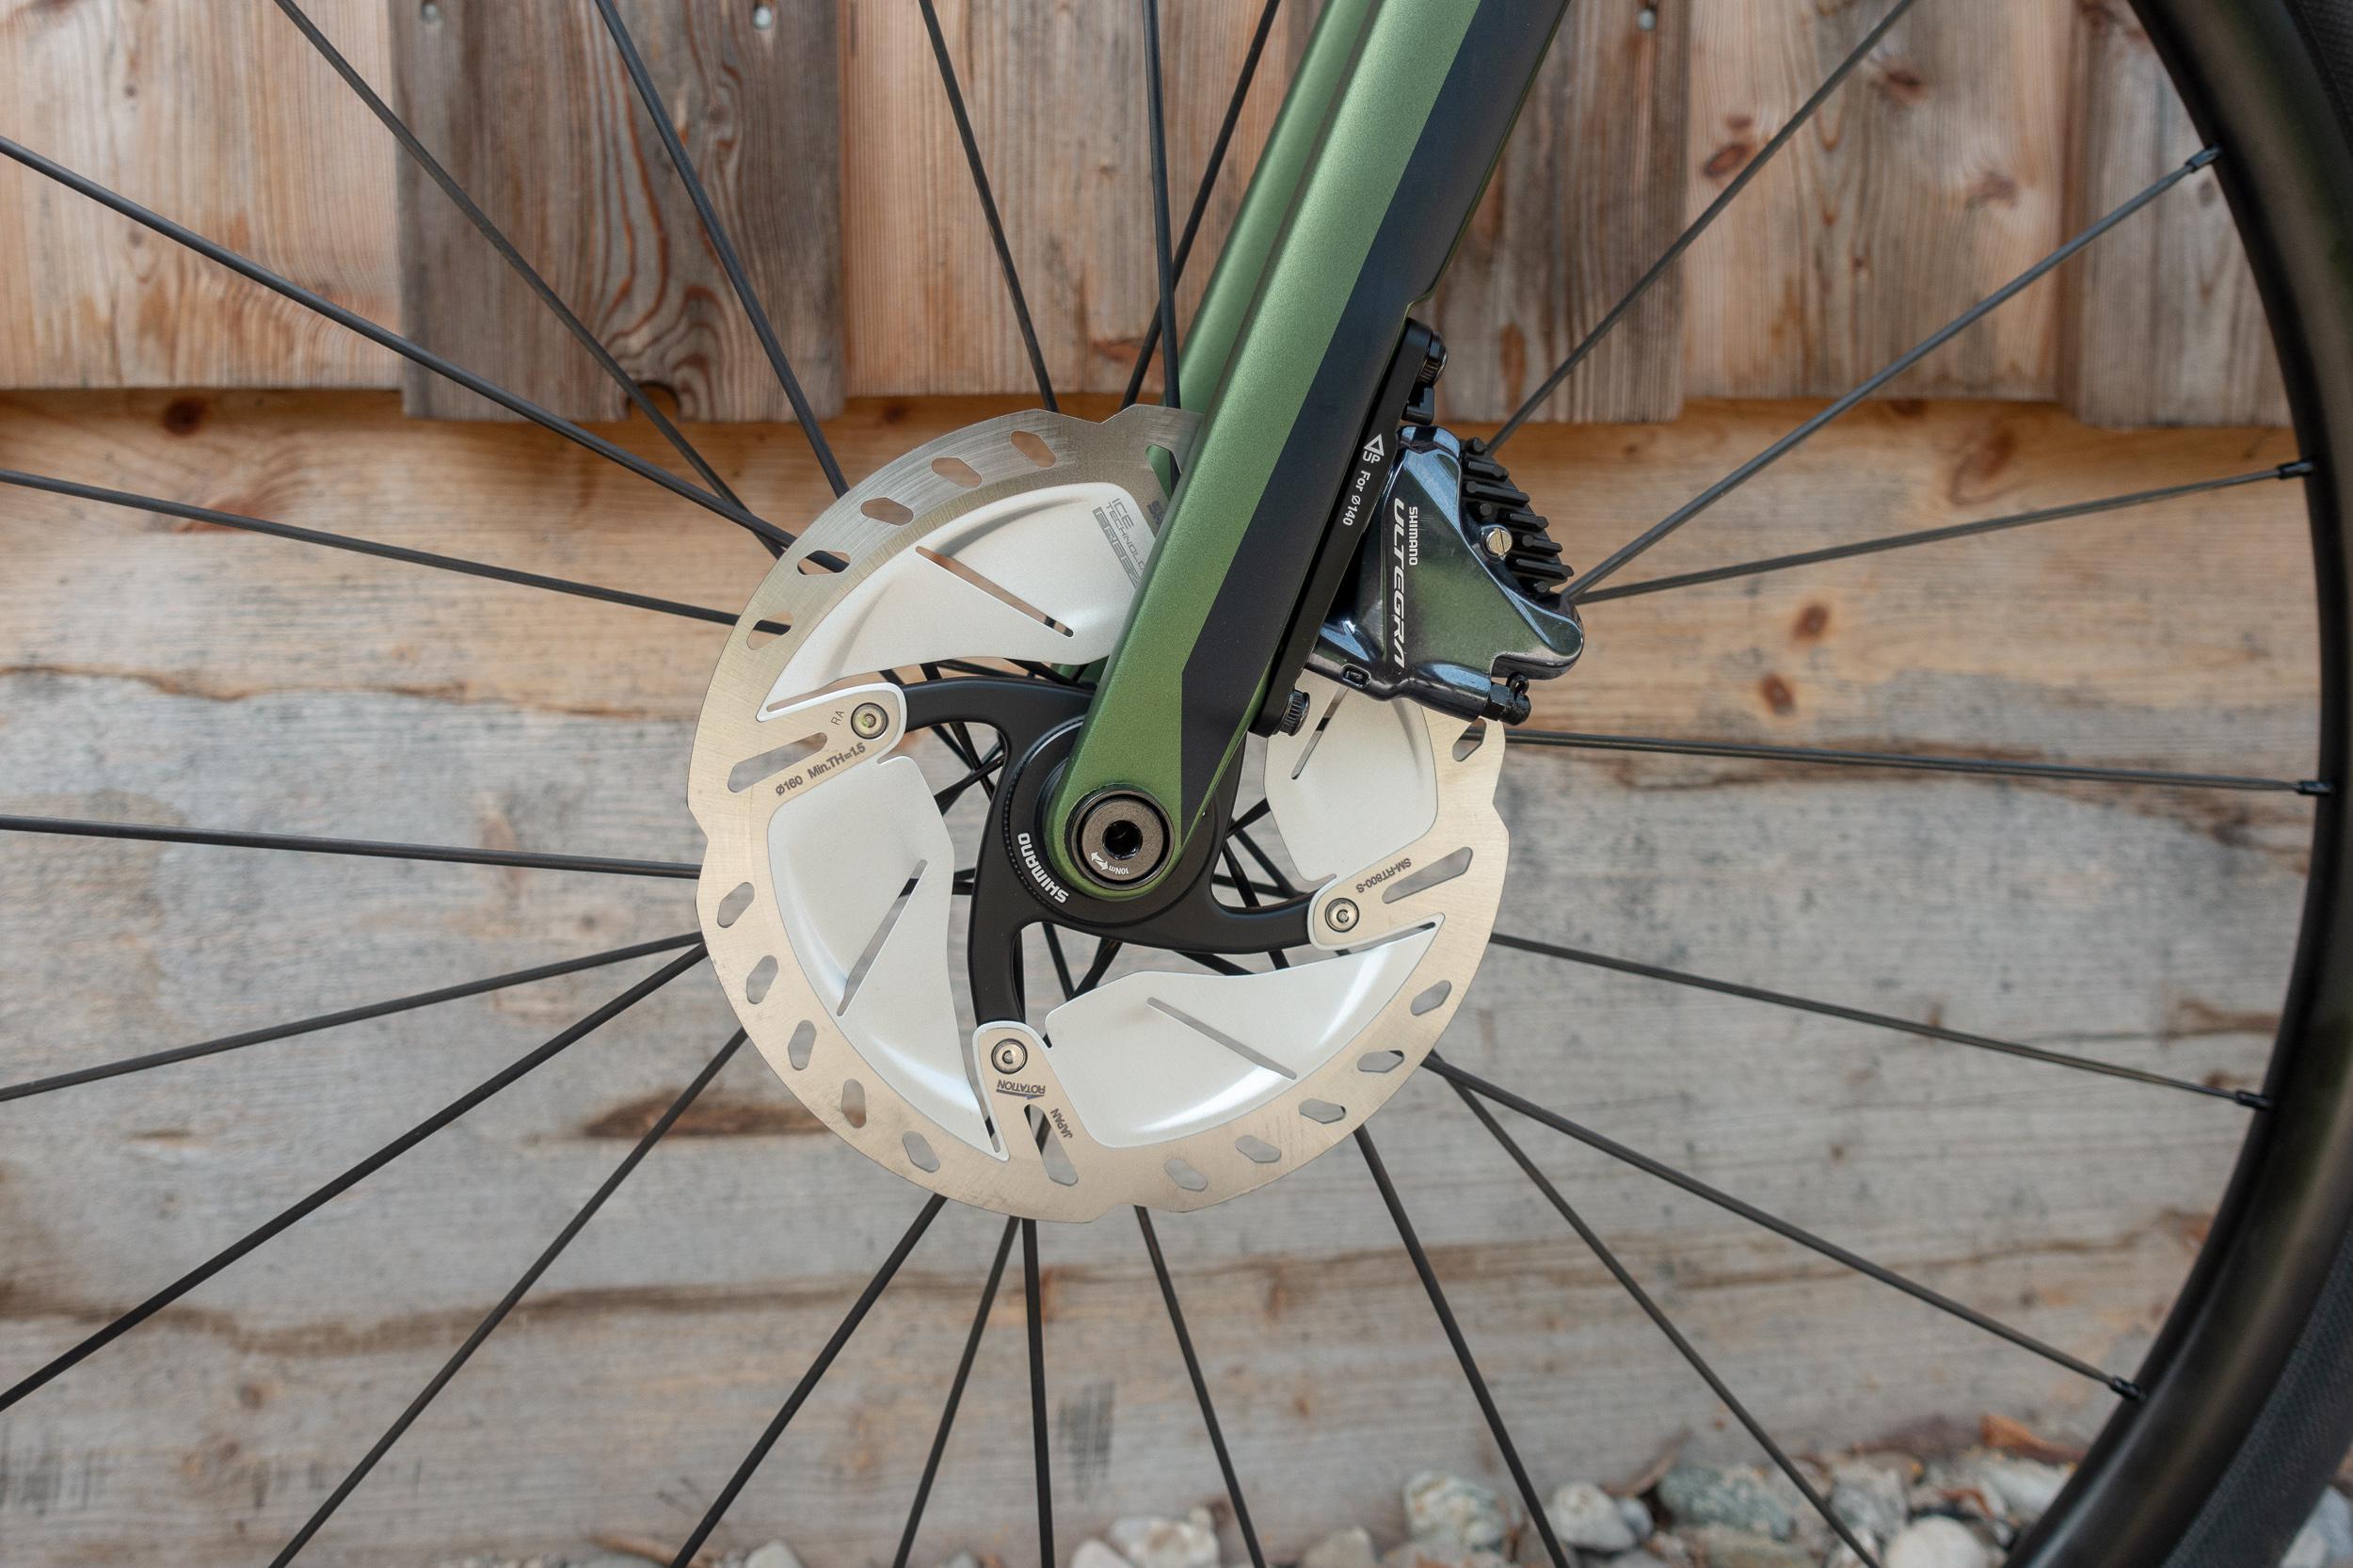 Vollcarbongabel mit Flat-Mount-Bremsen und 12 mm-Steckachse